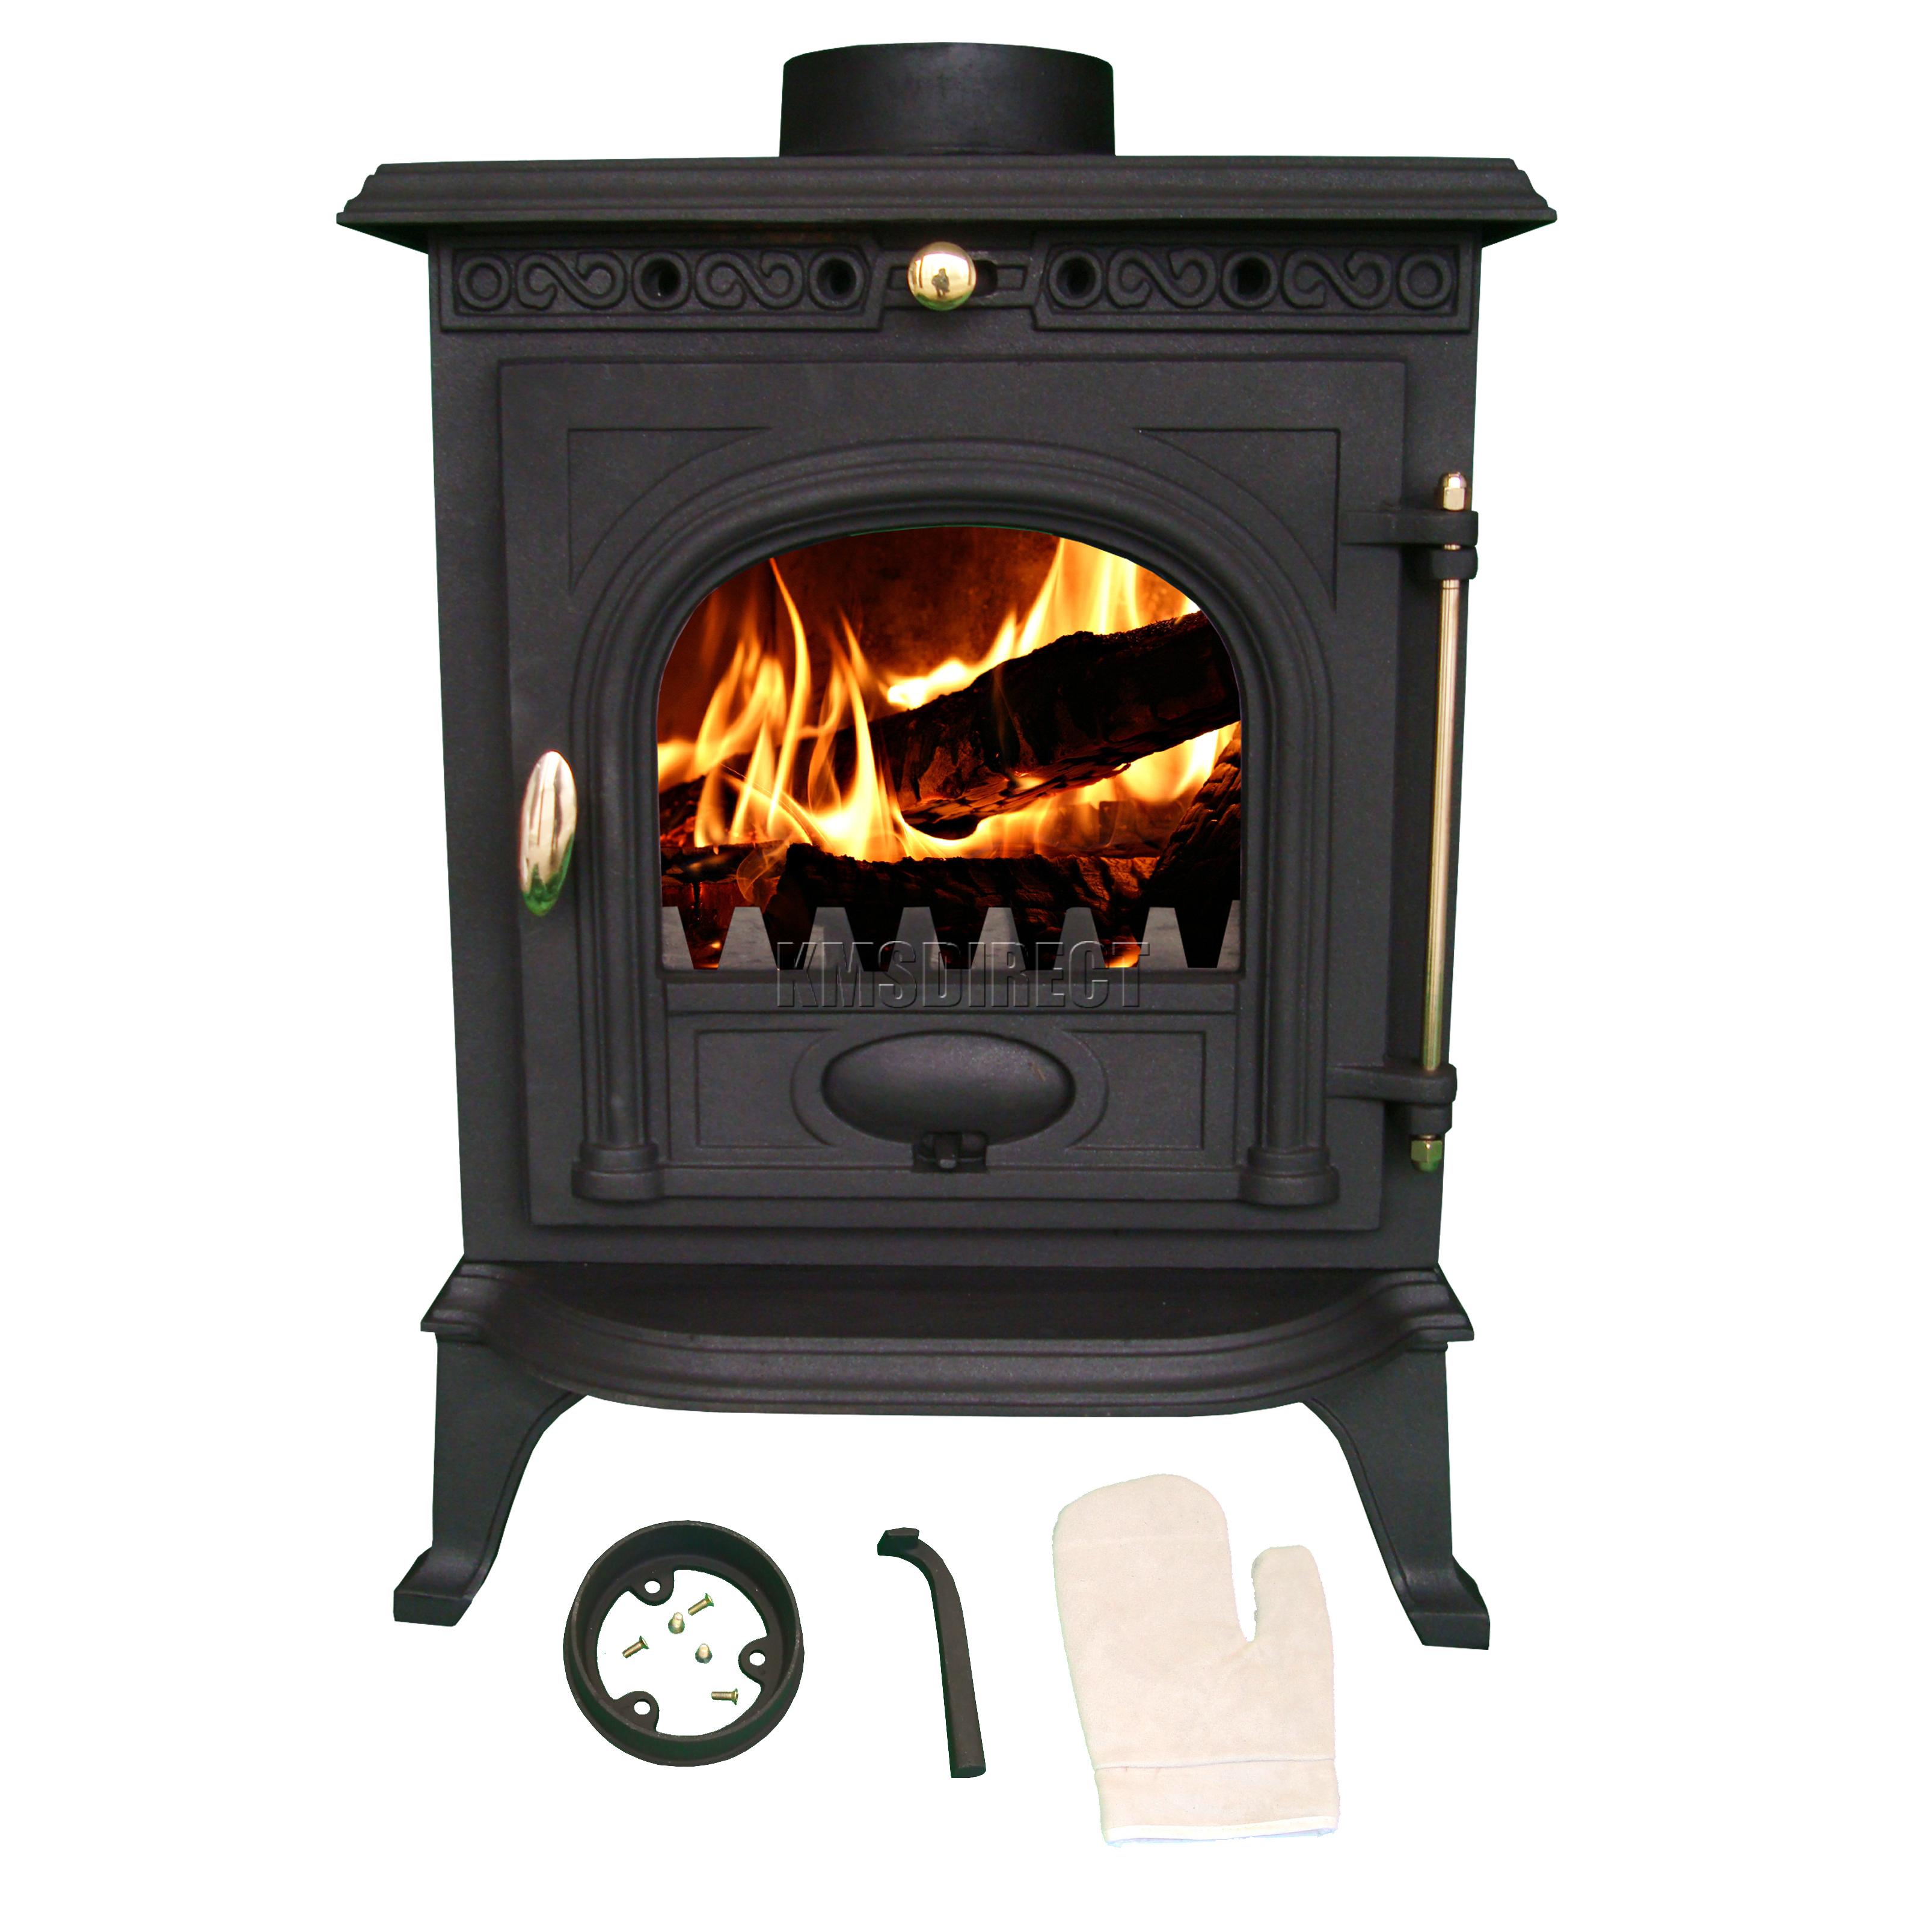 Estufa de le a de hierro fundido nuevo registro burner - Modelos de estufas de lena ...